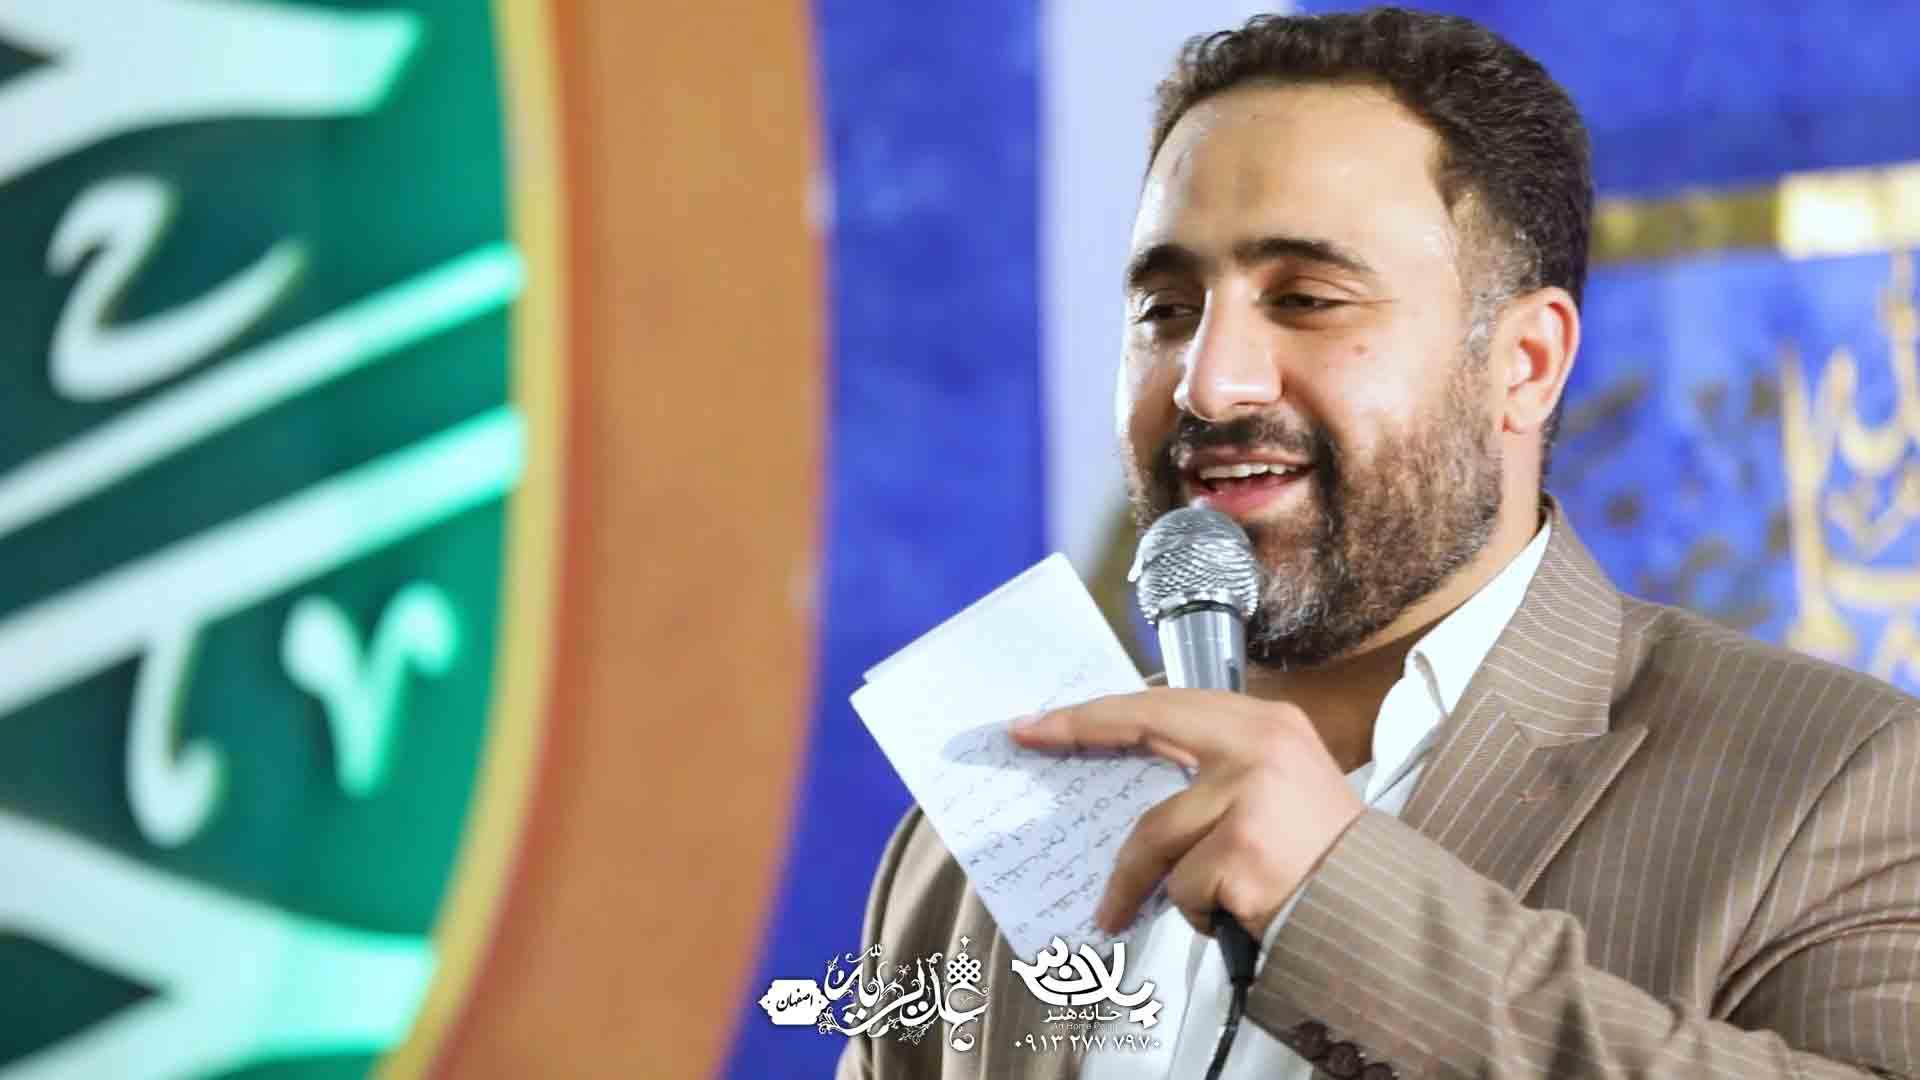 حیدر بعد پیغمبر محمد فصولی